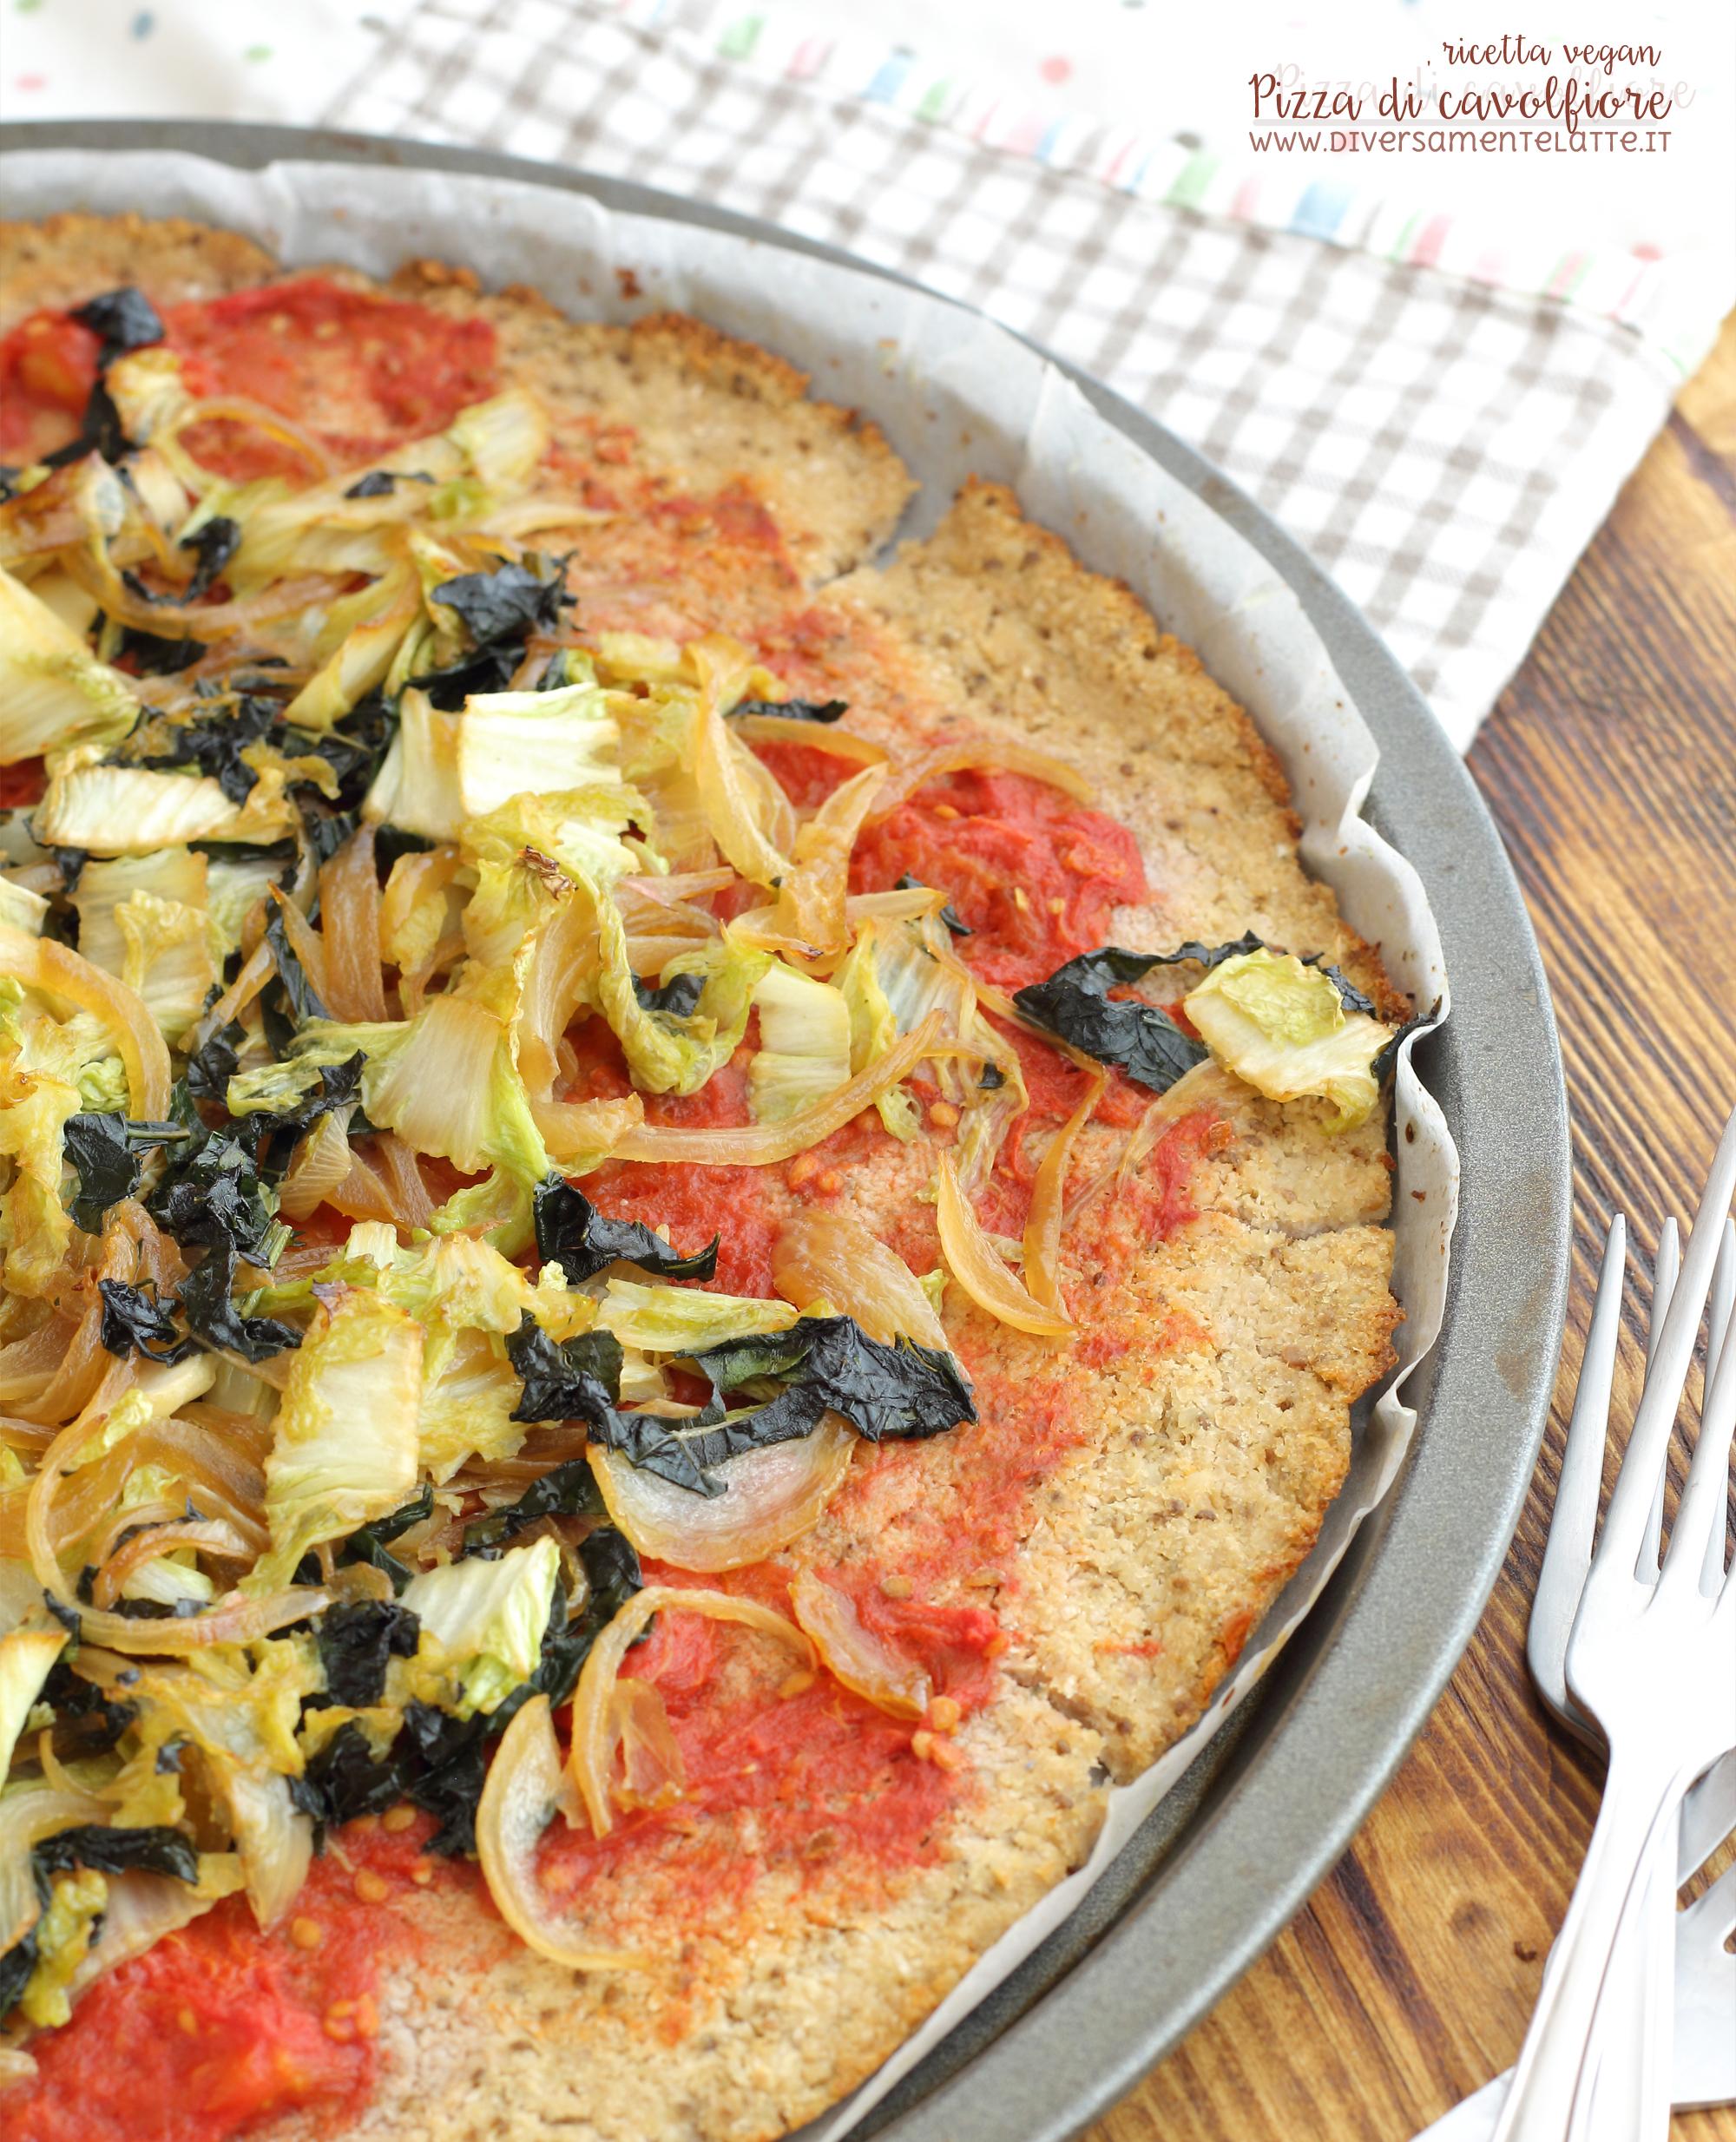 pizza-di-cavolfiore-ricetta-vegan